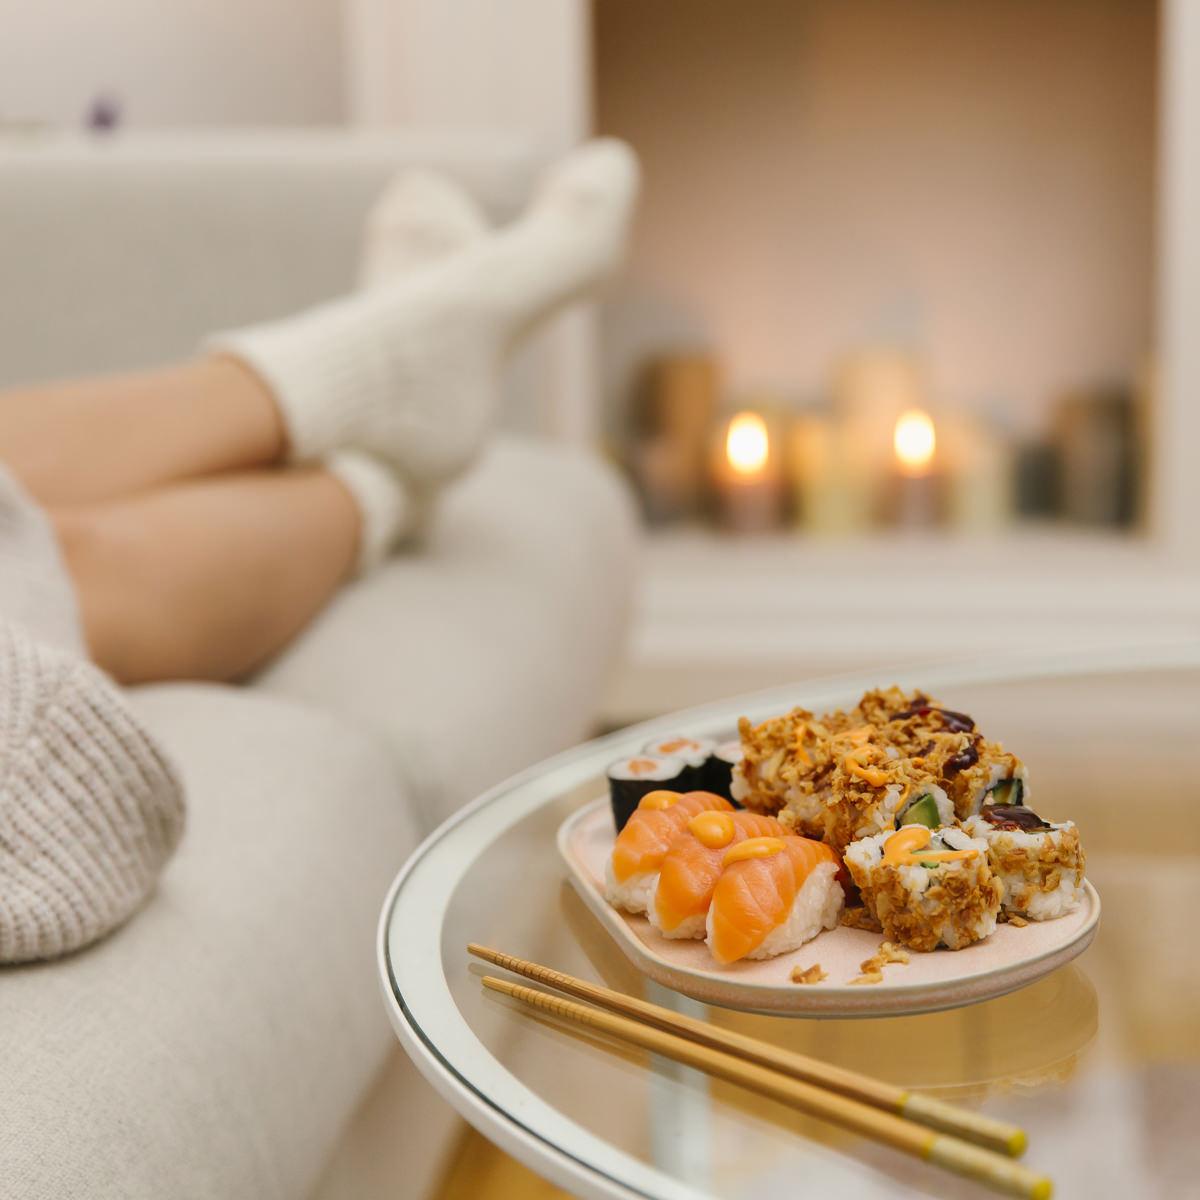 eine Frau macht es sich zu Hause mit frischem Sushi gemütlich als Teil der Social Media Content Fotografie für Eat Happy | Foto: Hanna Witte